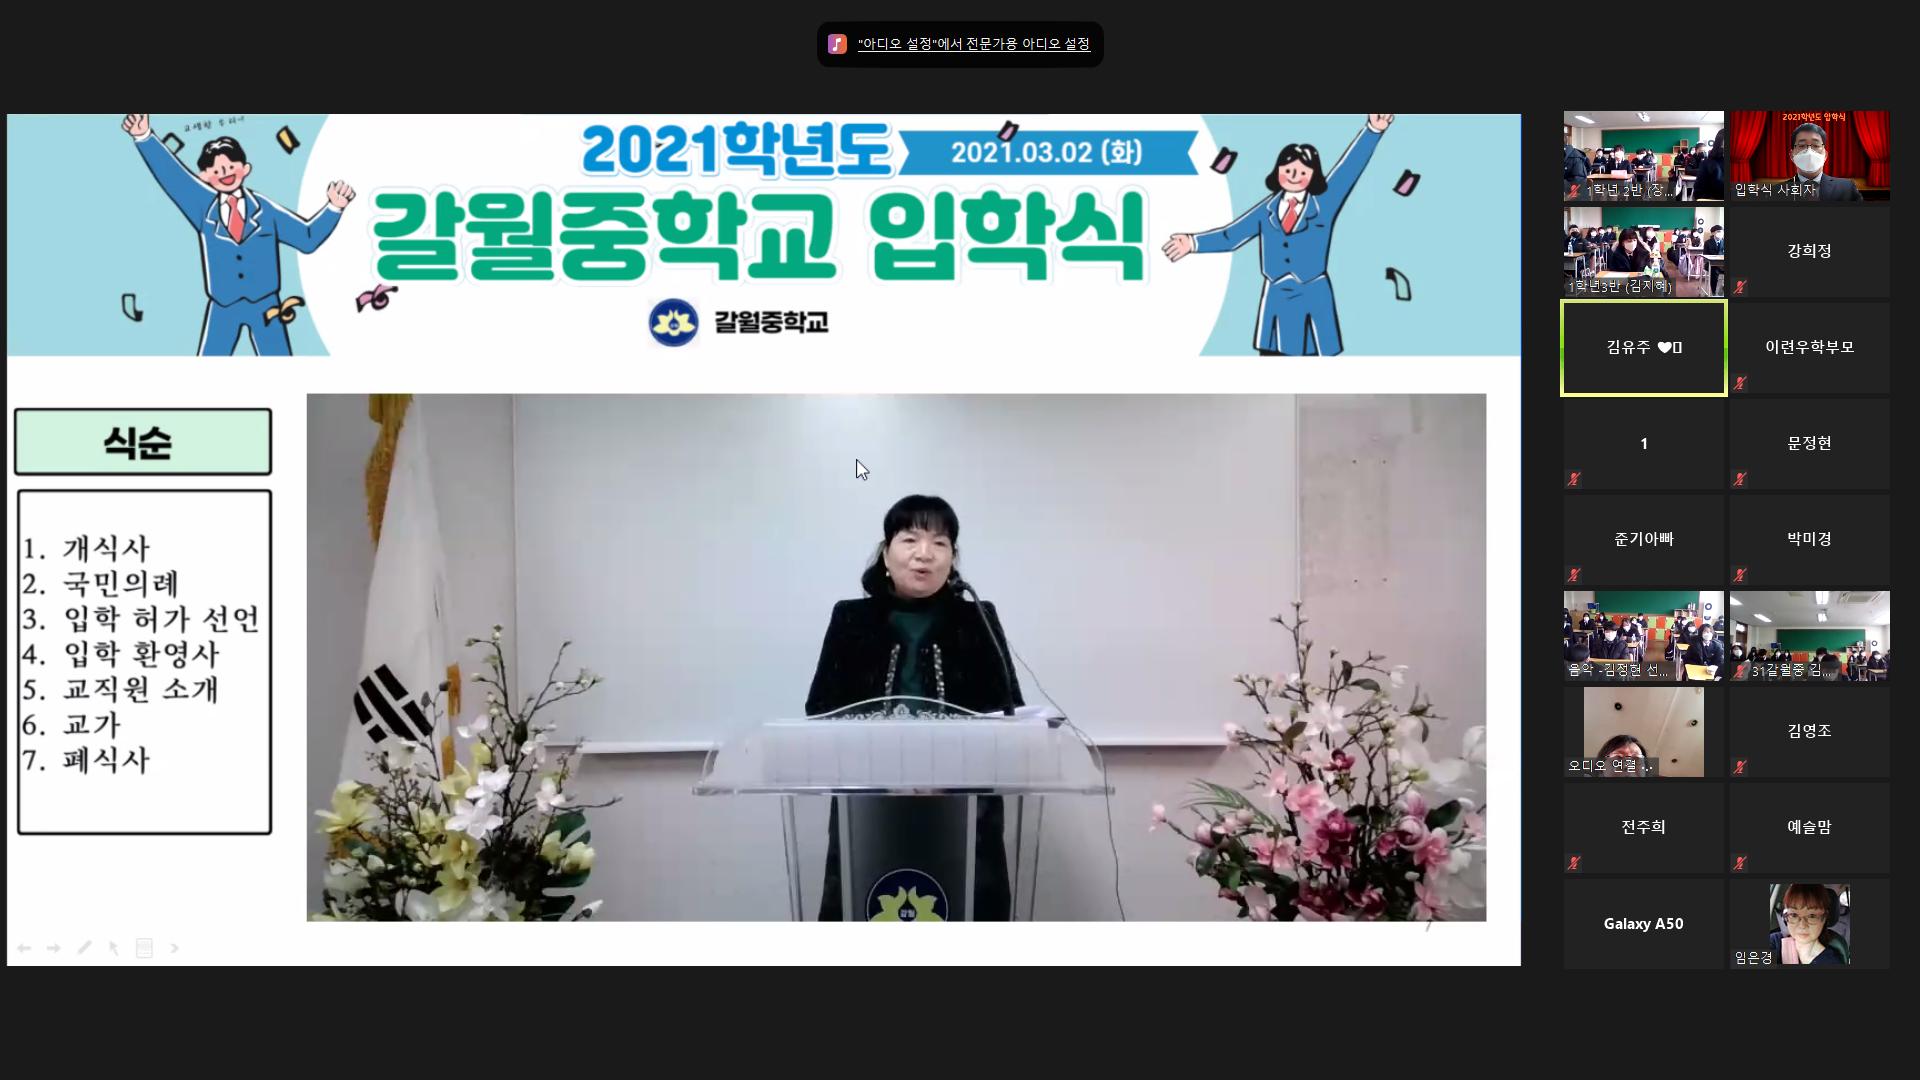 [일반] 2021학년도 갈월중학교 입학식의 첨부이미지 1